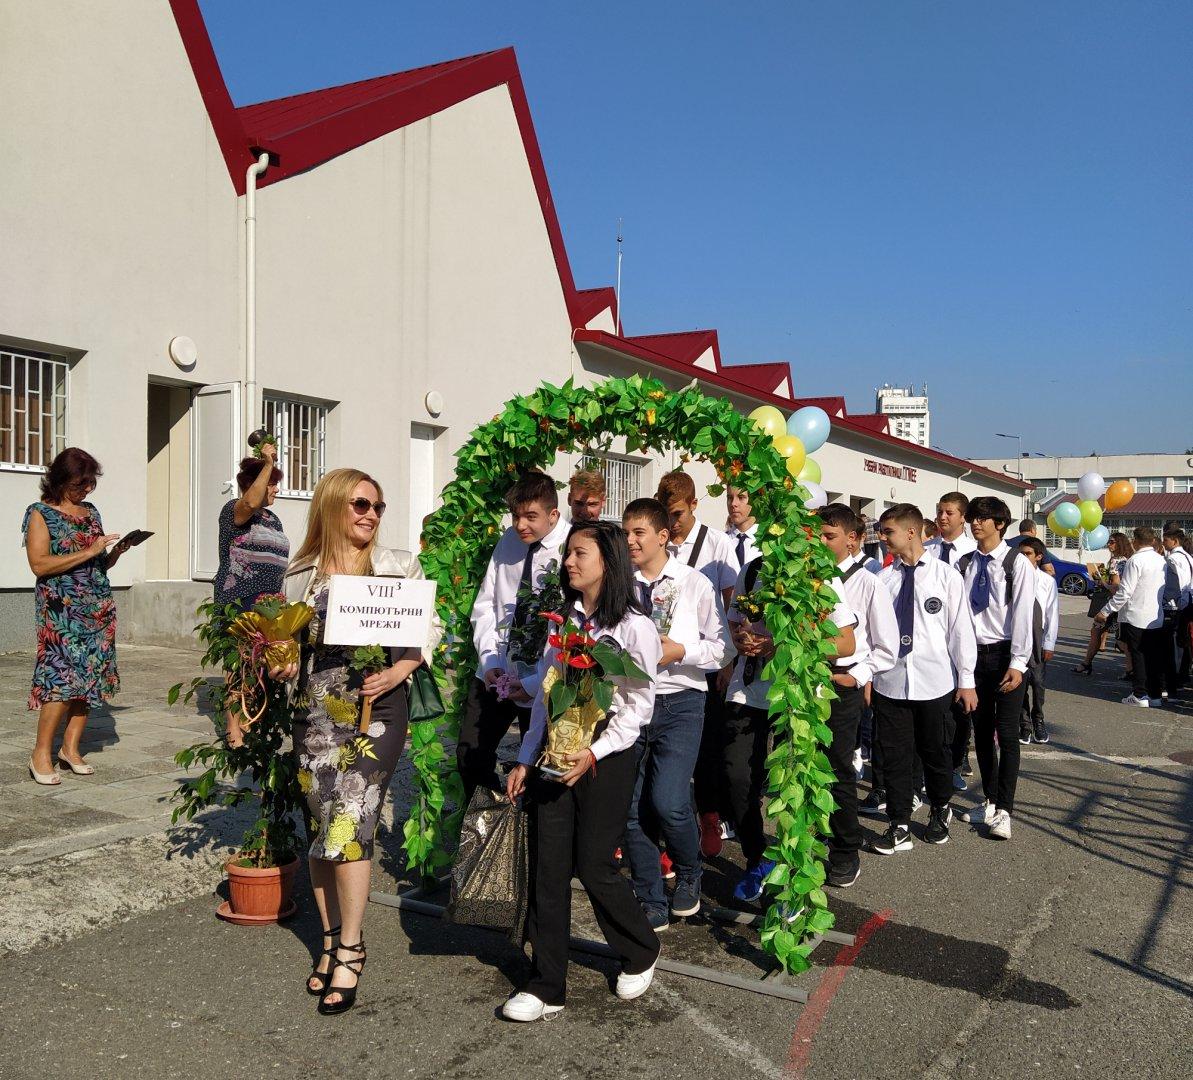 Осмокласниците заедно със своите класни ръководители минаха под арката преди да влязат в гимназията